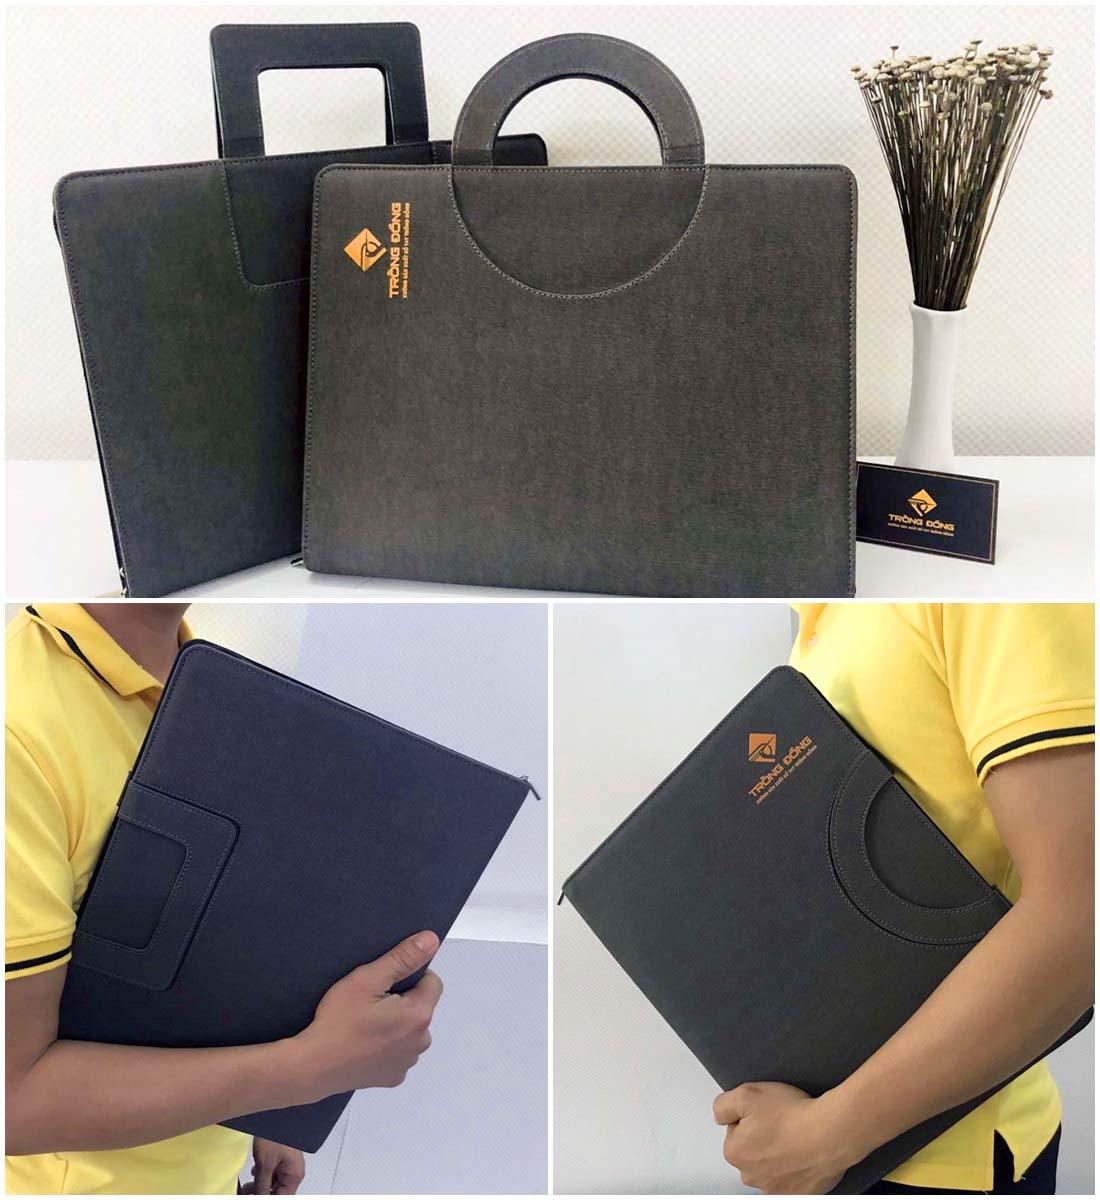 Cặp da đựng tài liệu A4 có thiết kế kiểu dáng tay cầm phù hợp cho cả nam lẫn nữ